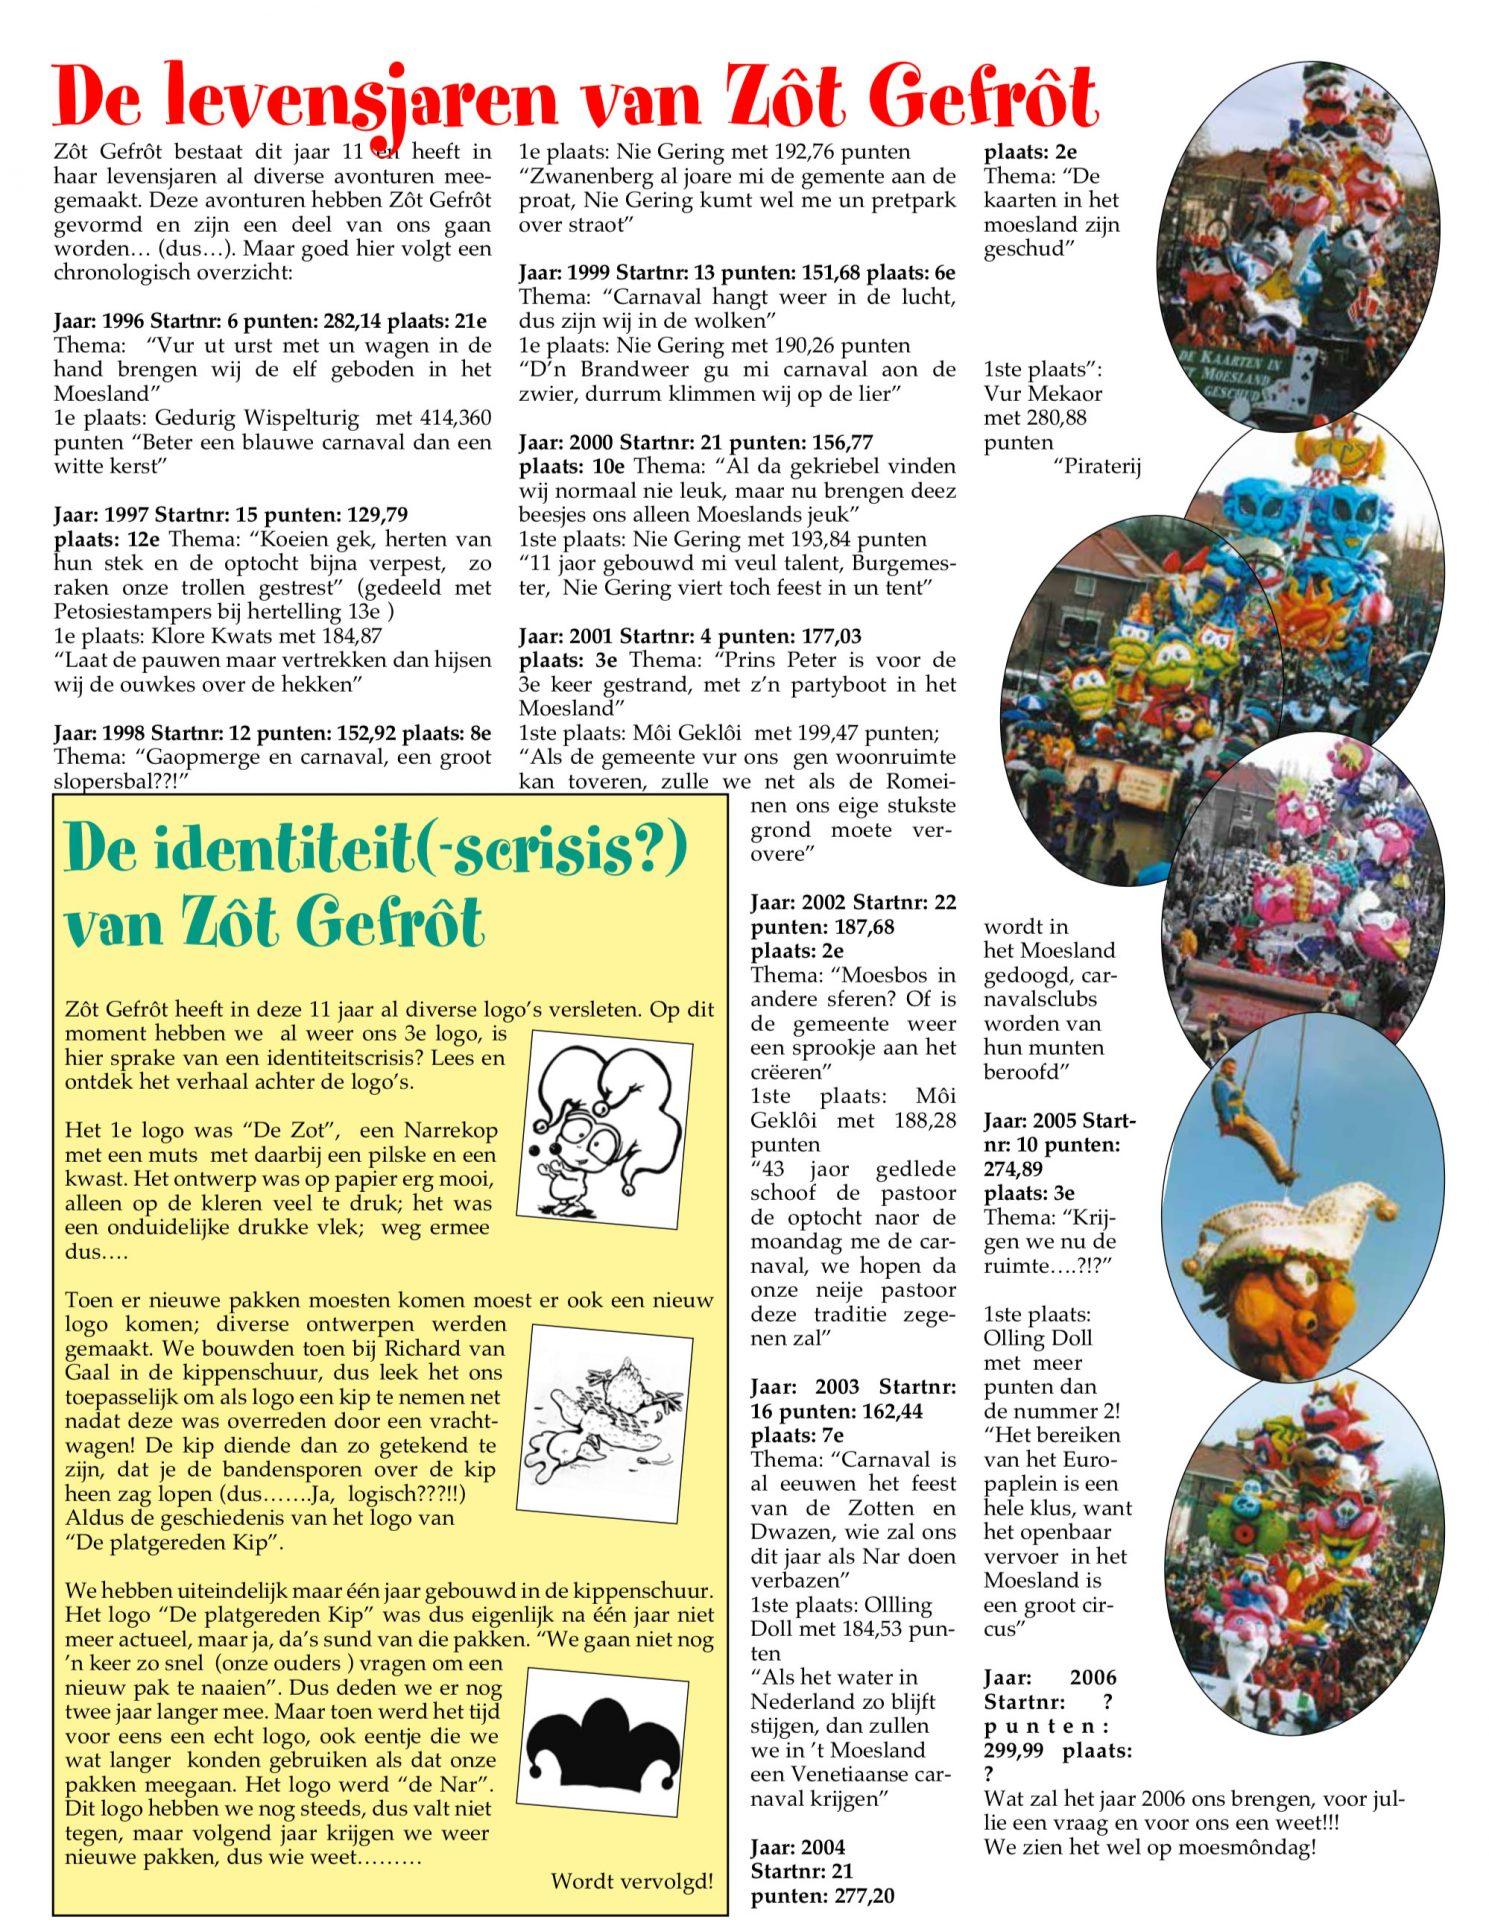 Stukje uit de carnavalskrant van Zot Gefrot - 2006